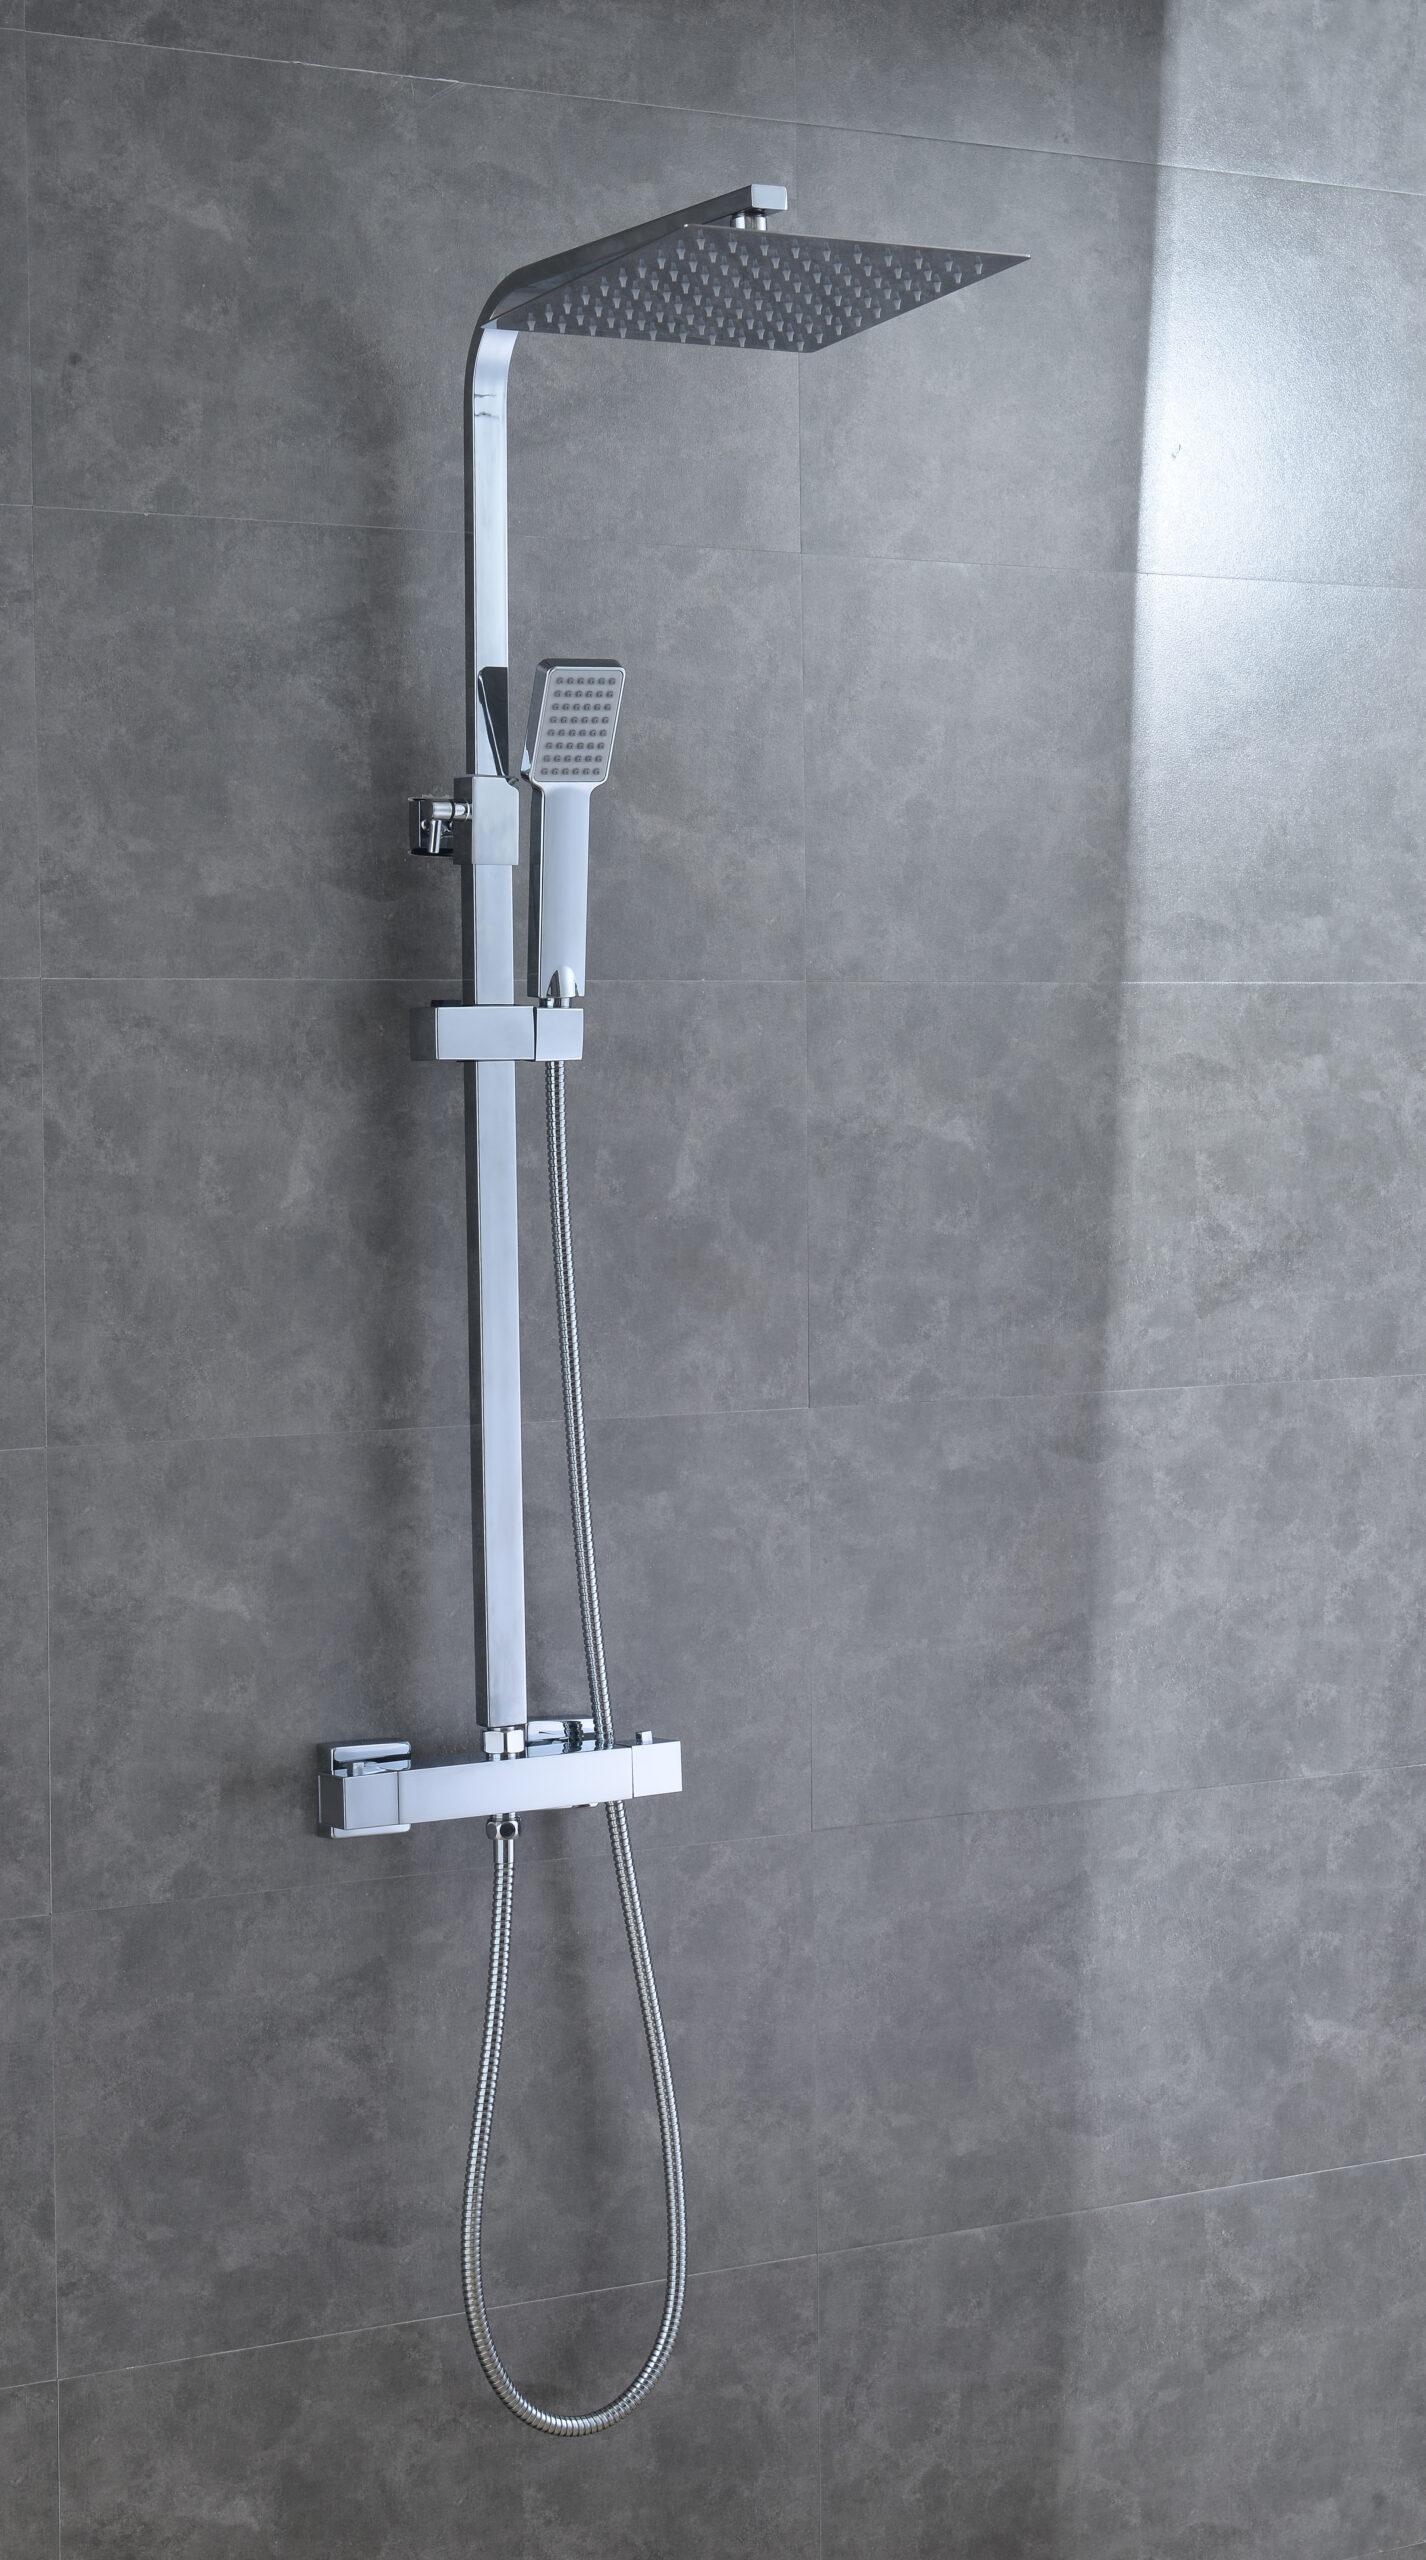 Full Size of Thermostat Dusche Bodengleiche Einbauen Siphon Badewanne Mit Tür Und Behindertengerechte Nachträglich Fliesen Koralle Hüppe Duschen Begehbare Rainshower Dusche Thermostat Dusche